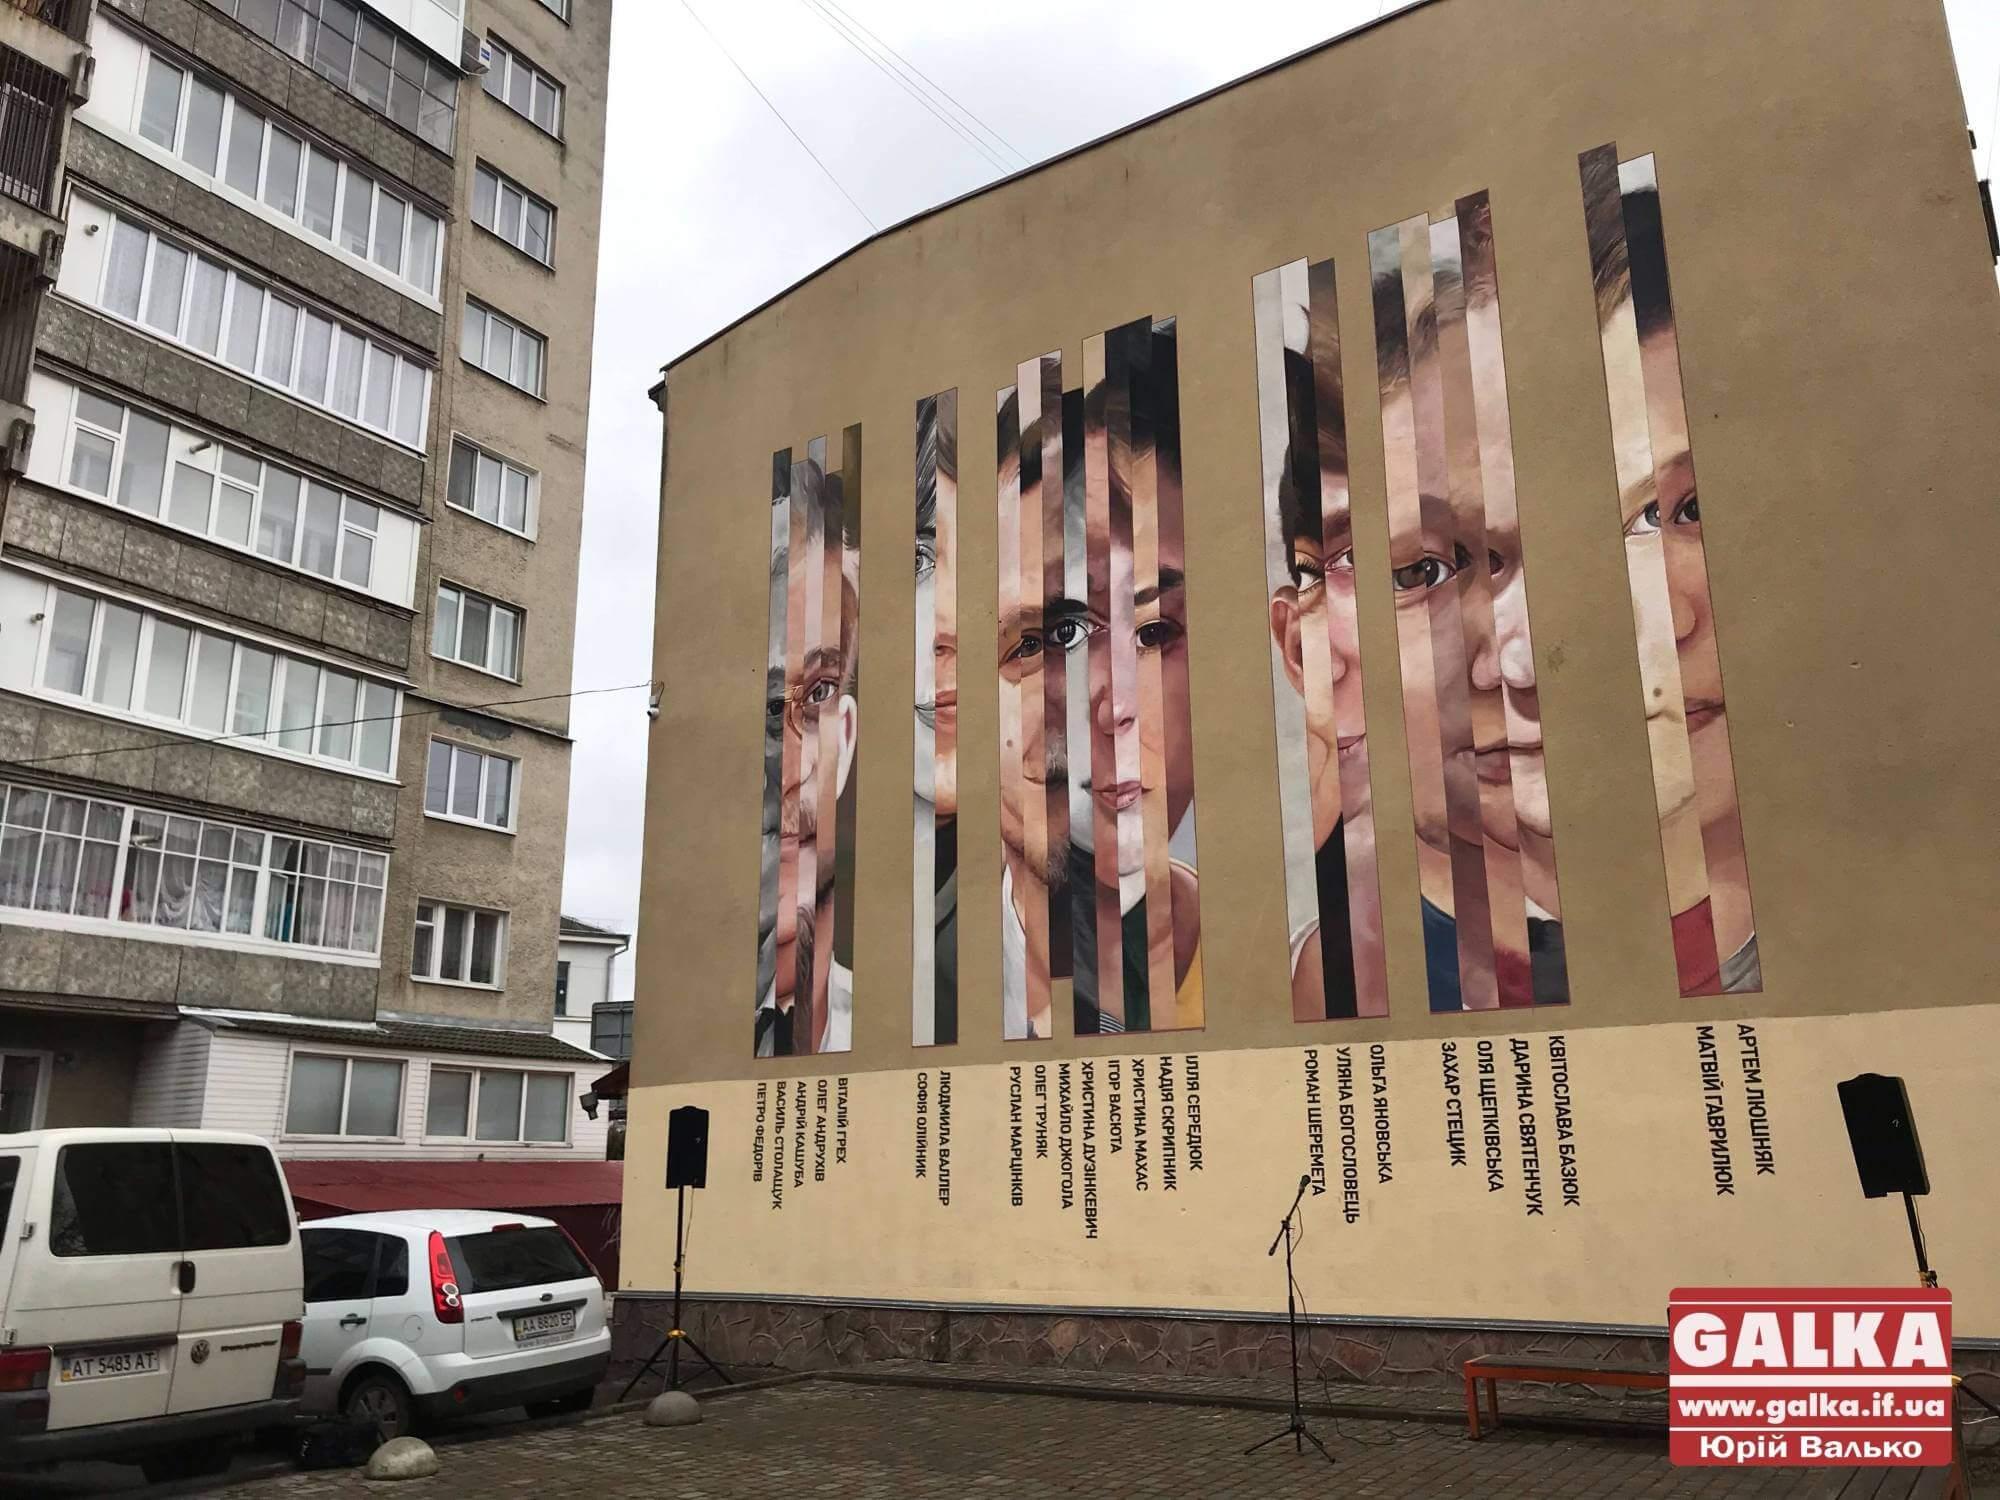 """Стінопис з доданою реальністю: на одній з франківських будівель з'явився """"Портрет міста"""" (ФОТО)"""